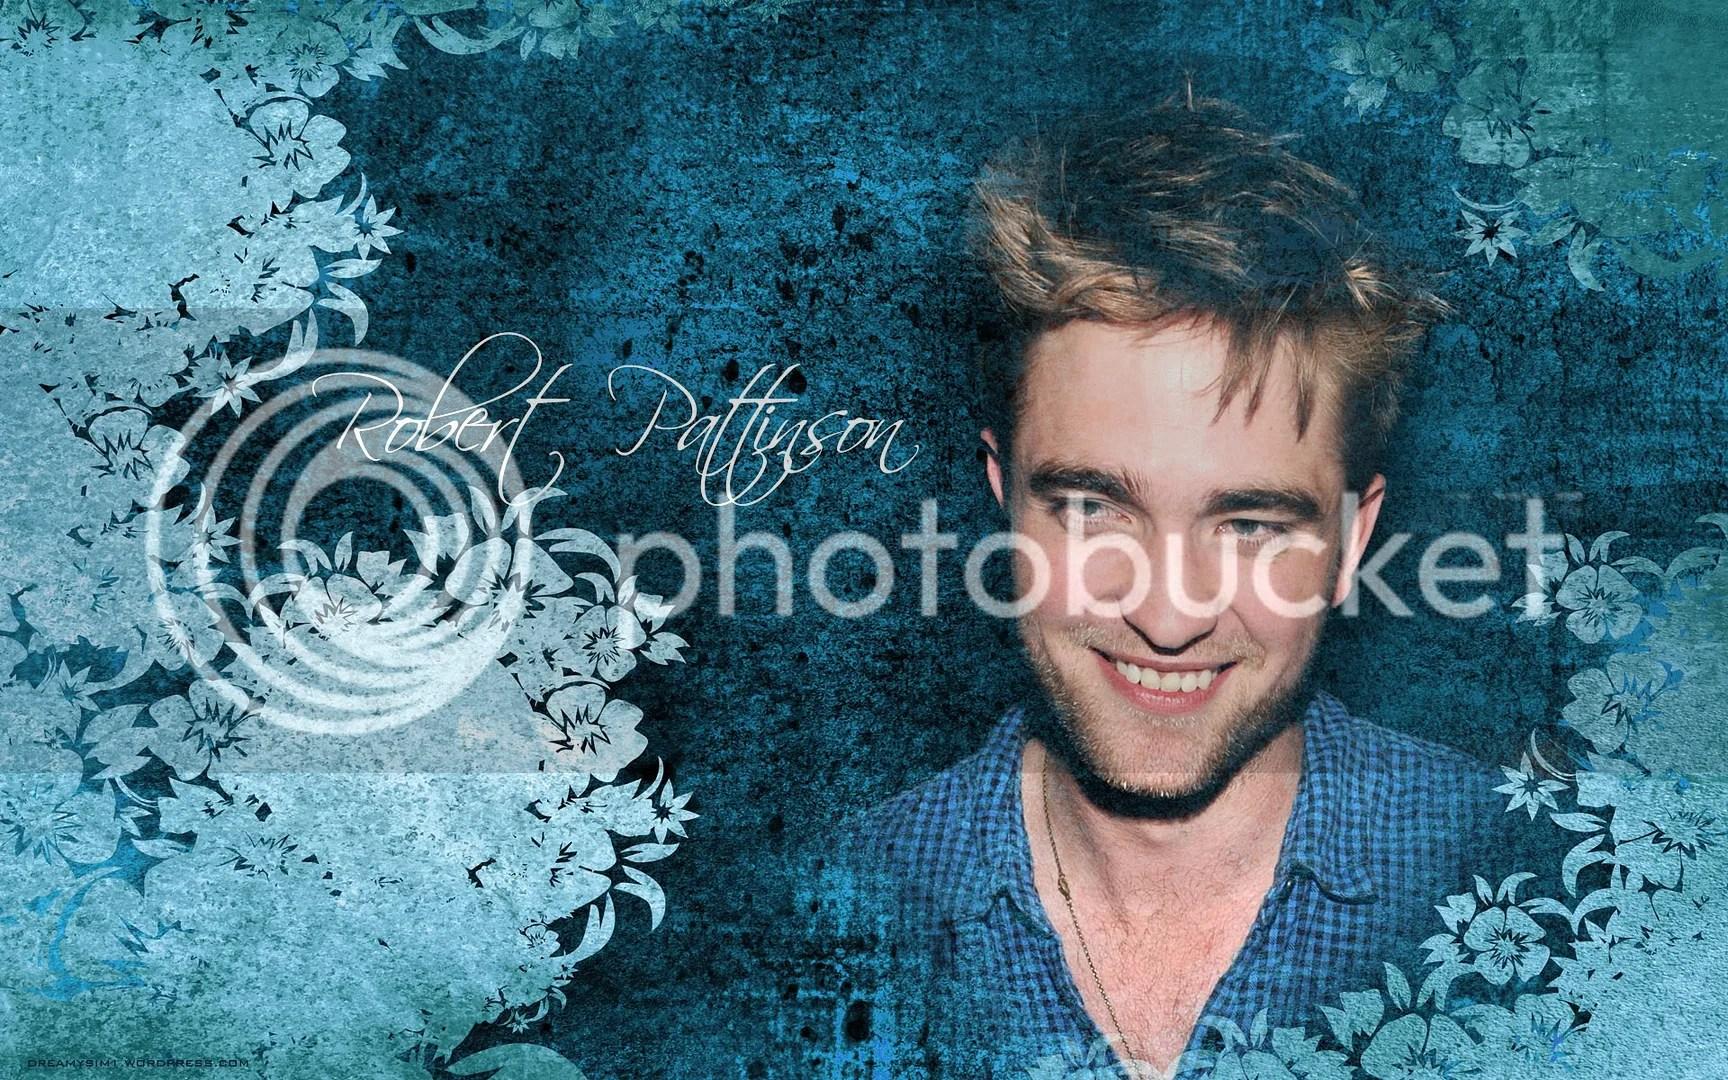 Robert Pattinson,DreamySim1,Wallpaper,Teen choice awards,2010